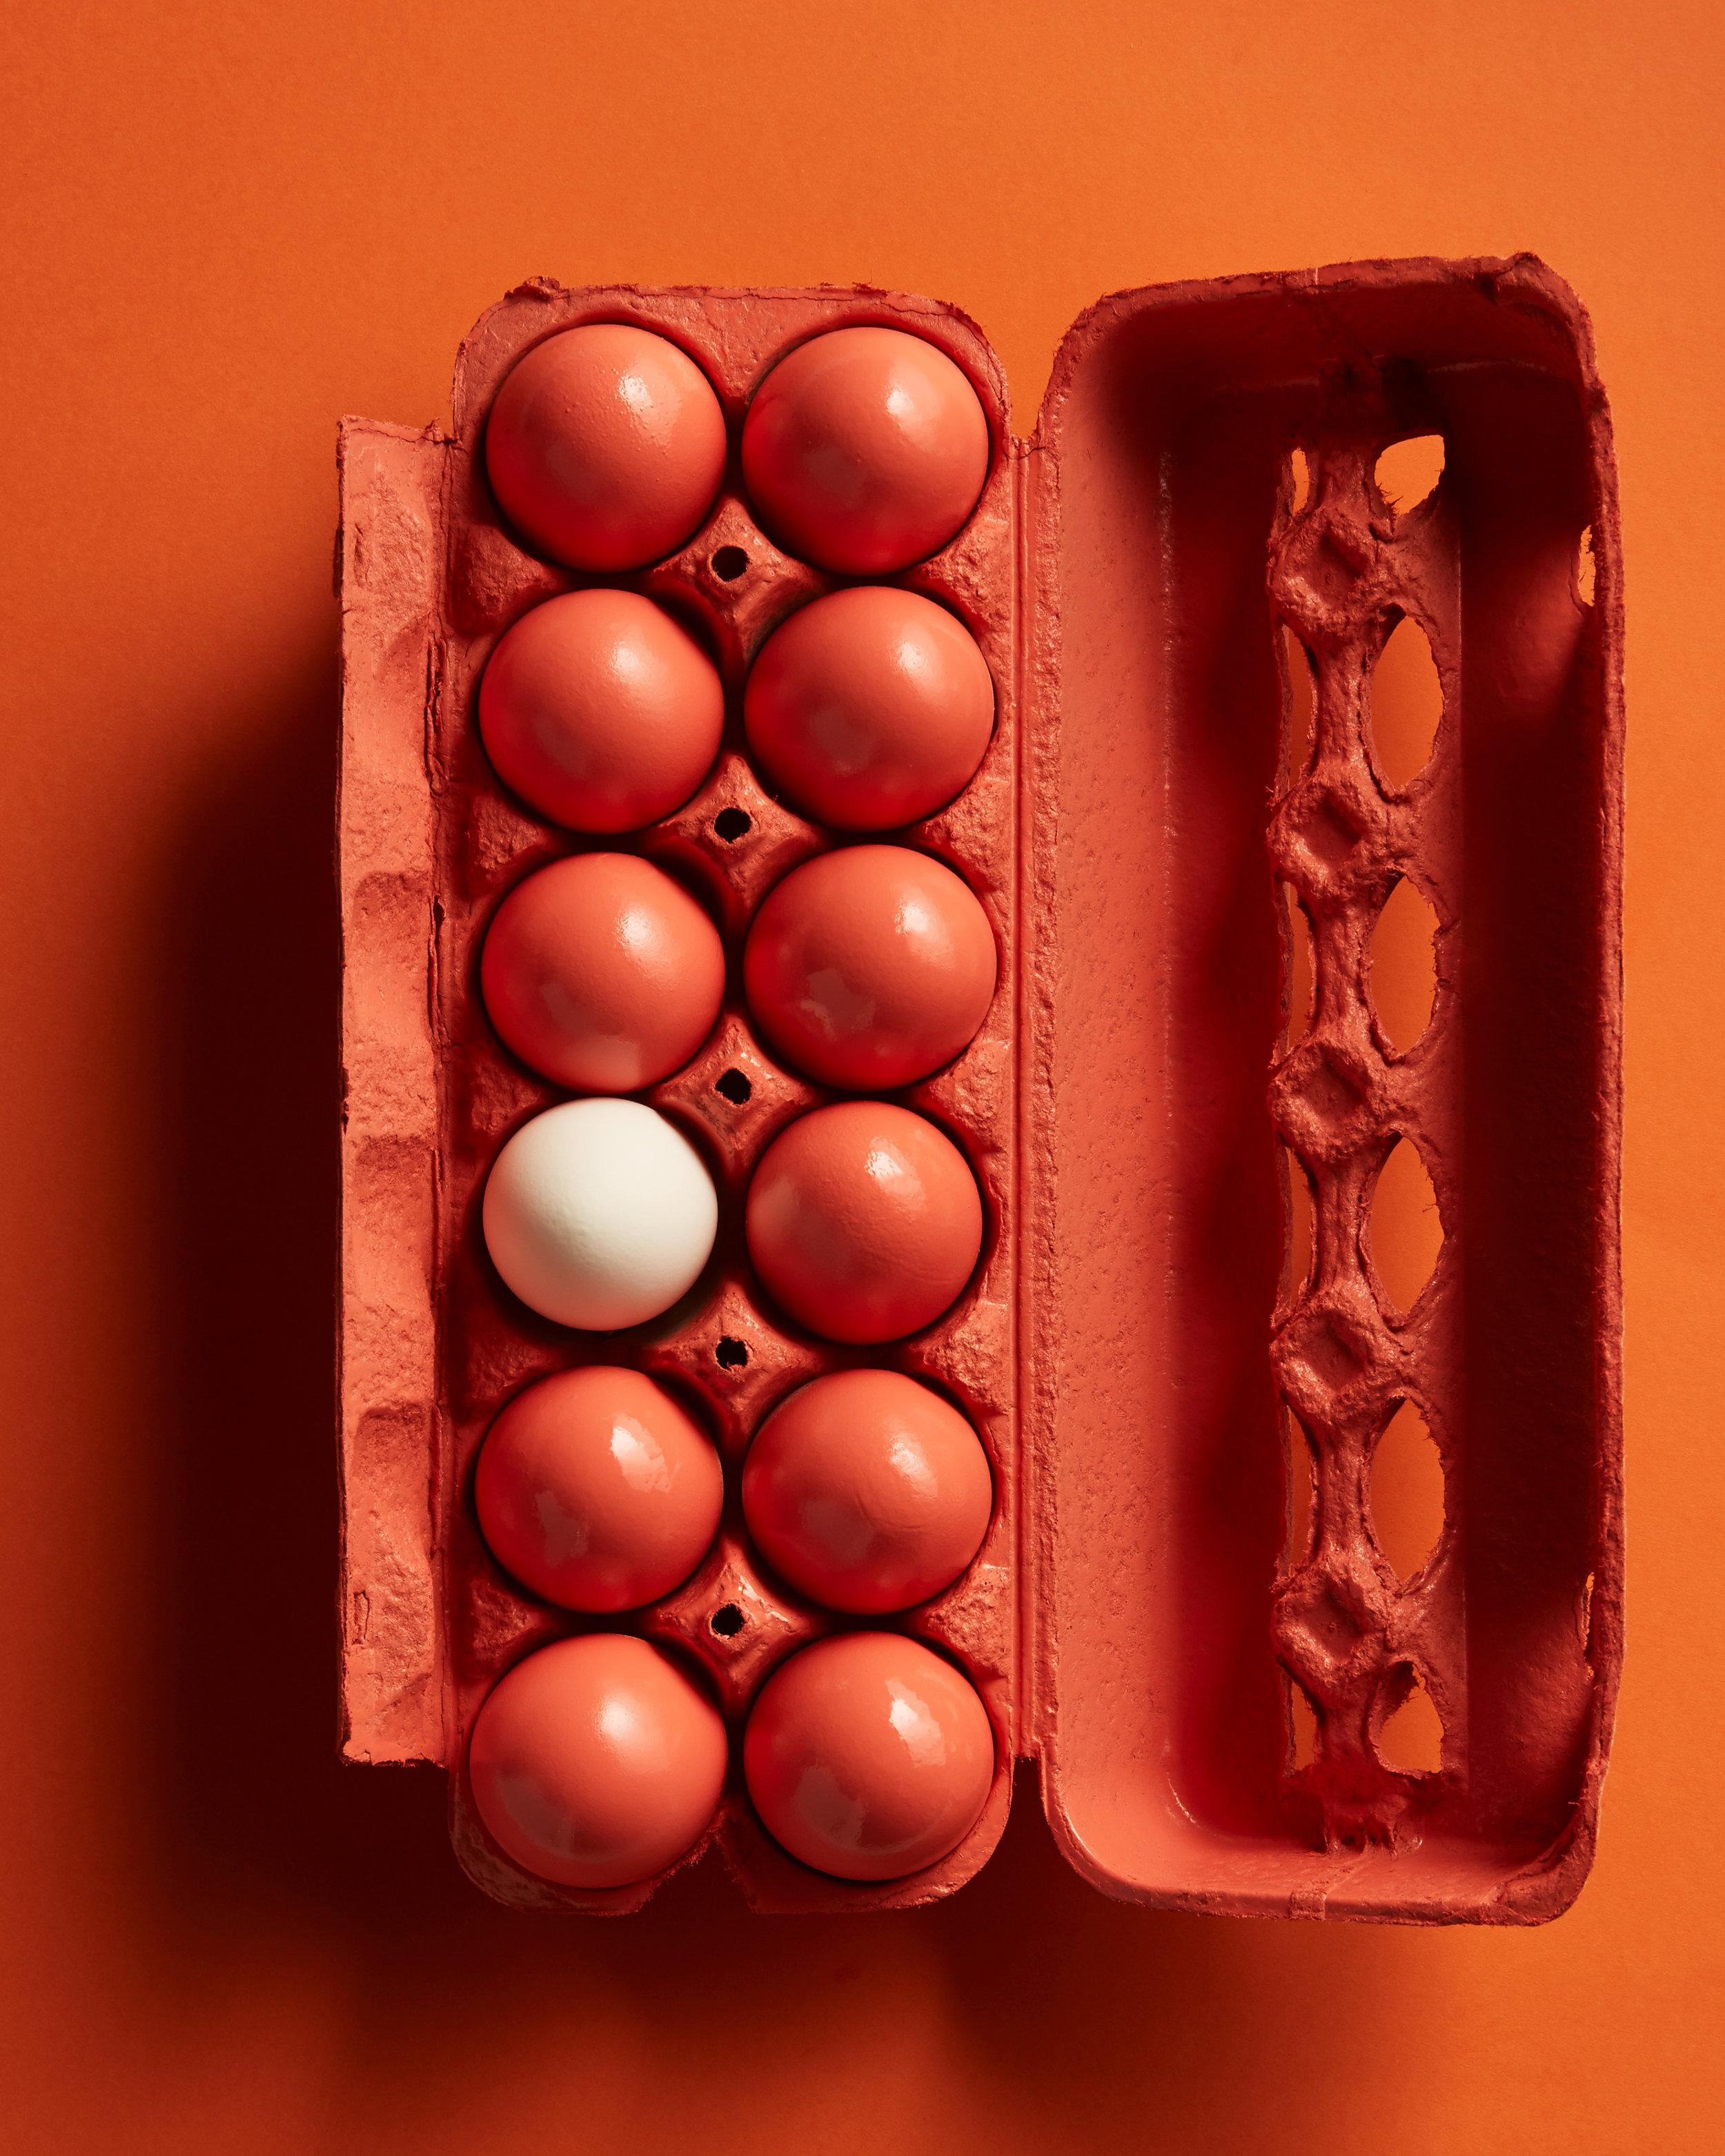 eggs_1500.jpg